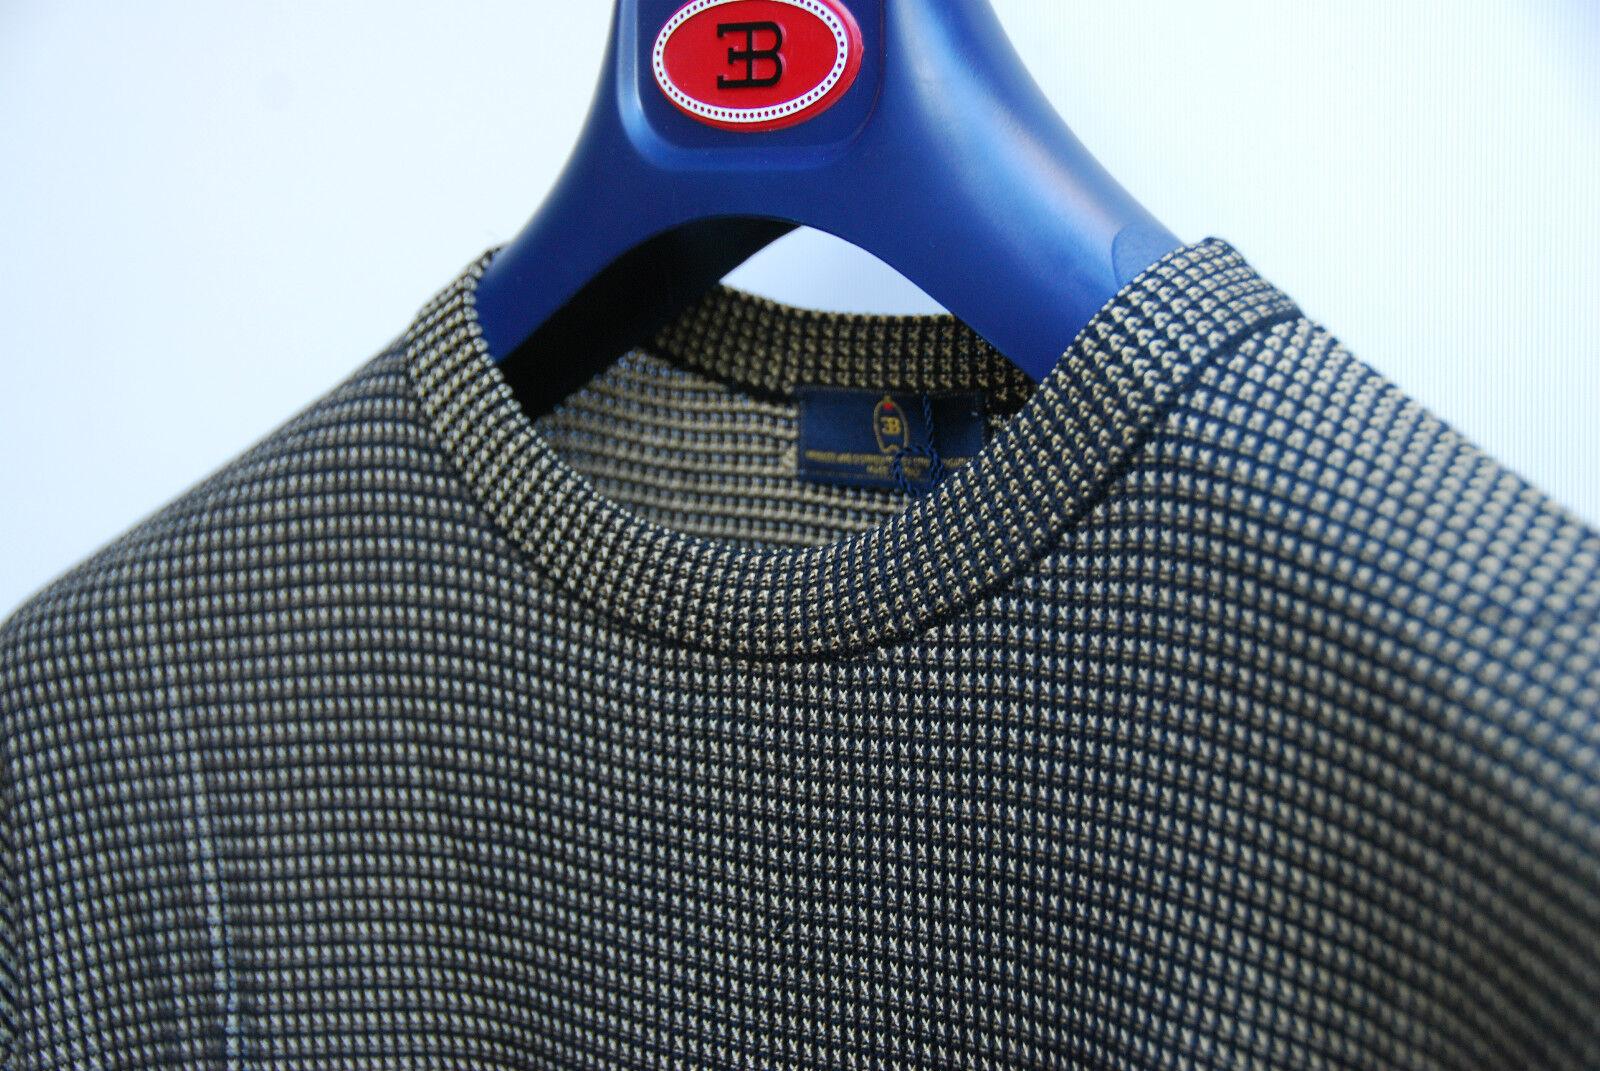 Maglione maglia seta girocollo ettore bugatti maglioncino melange gold black 50